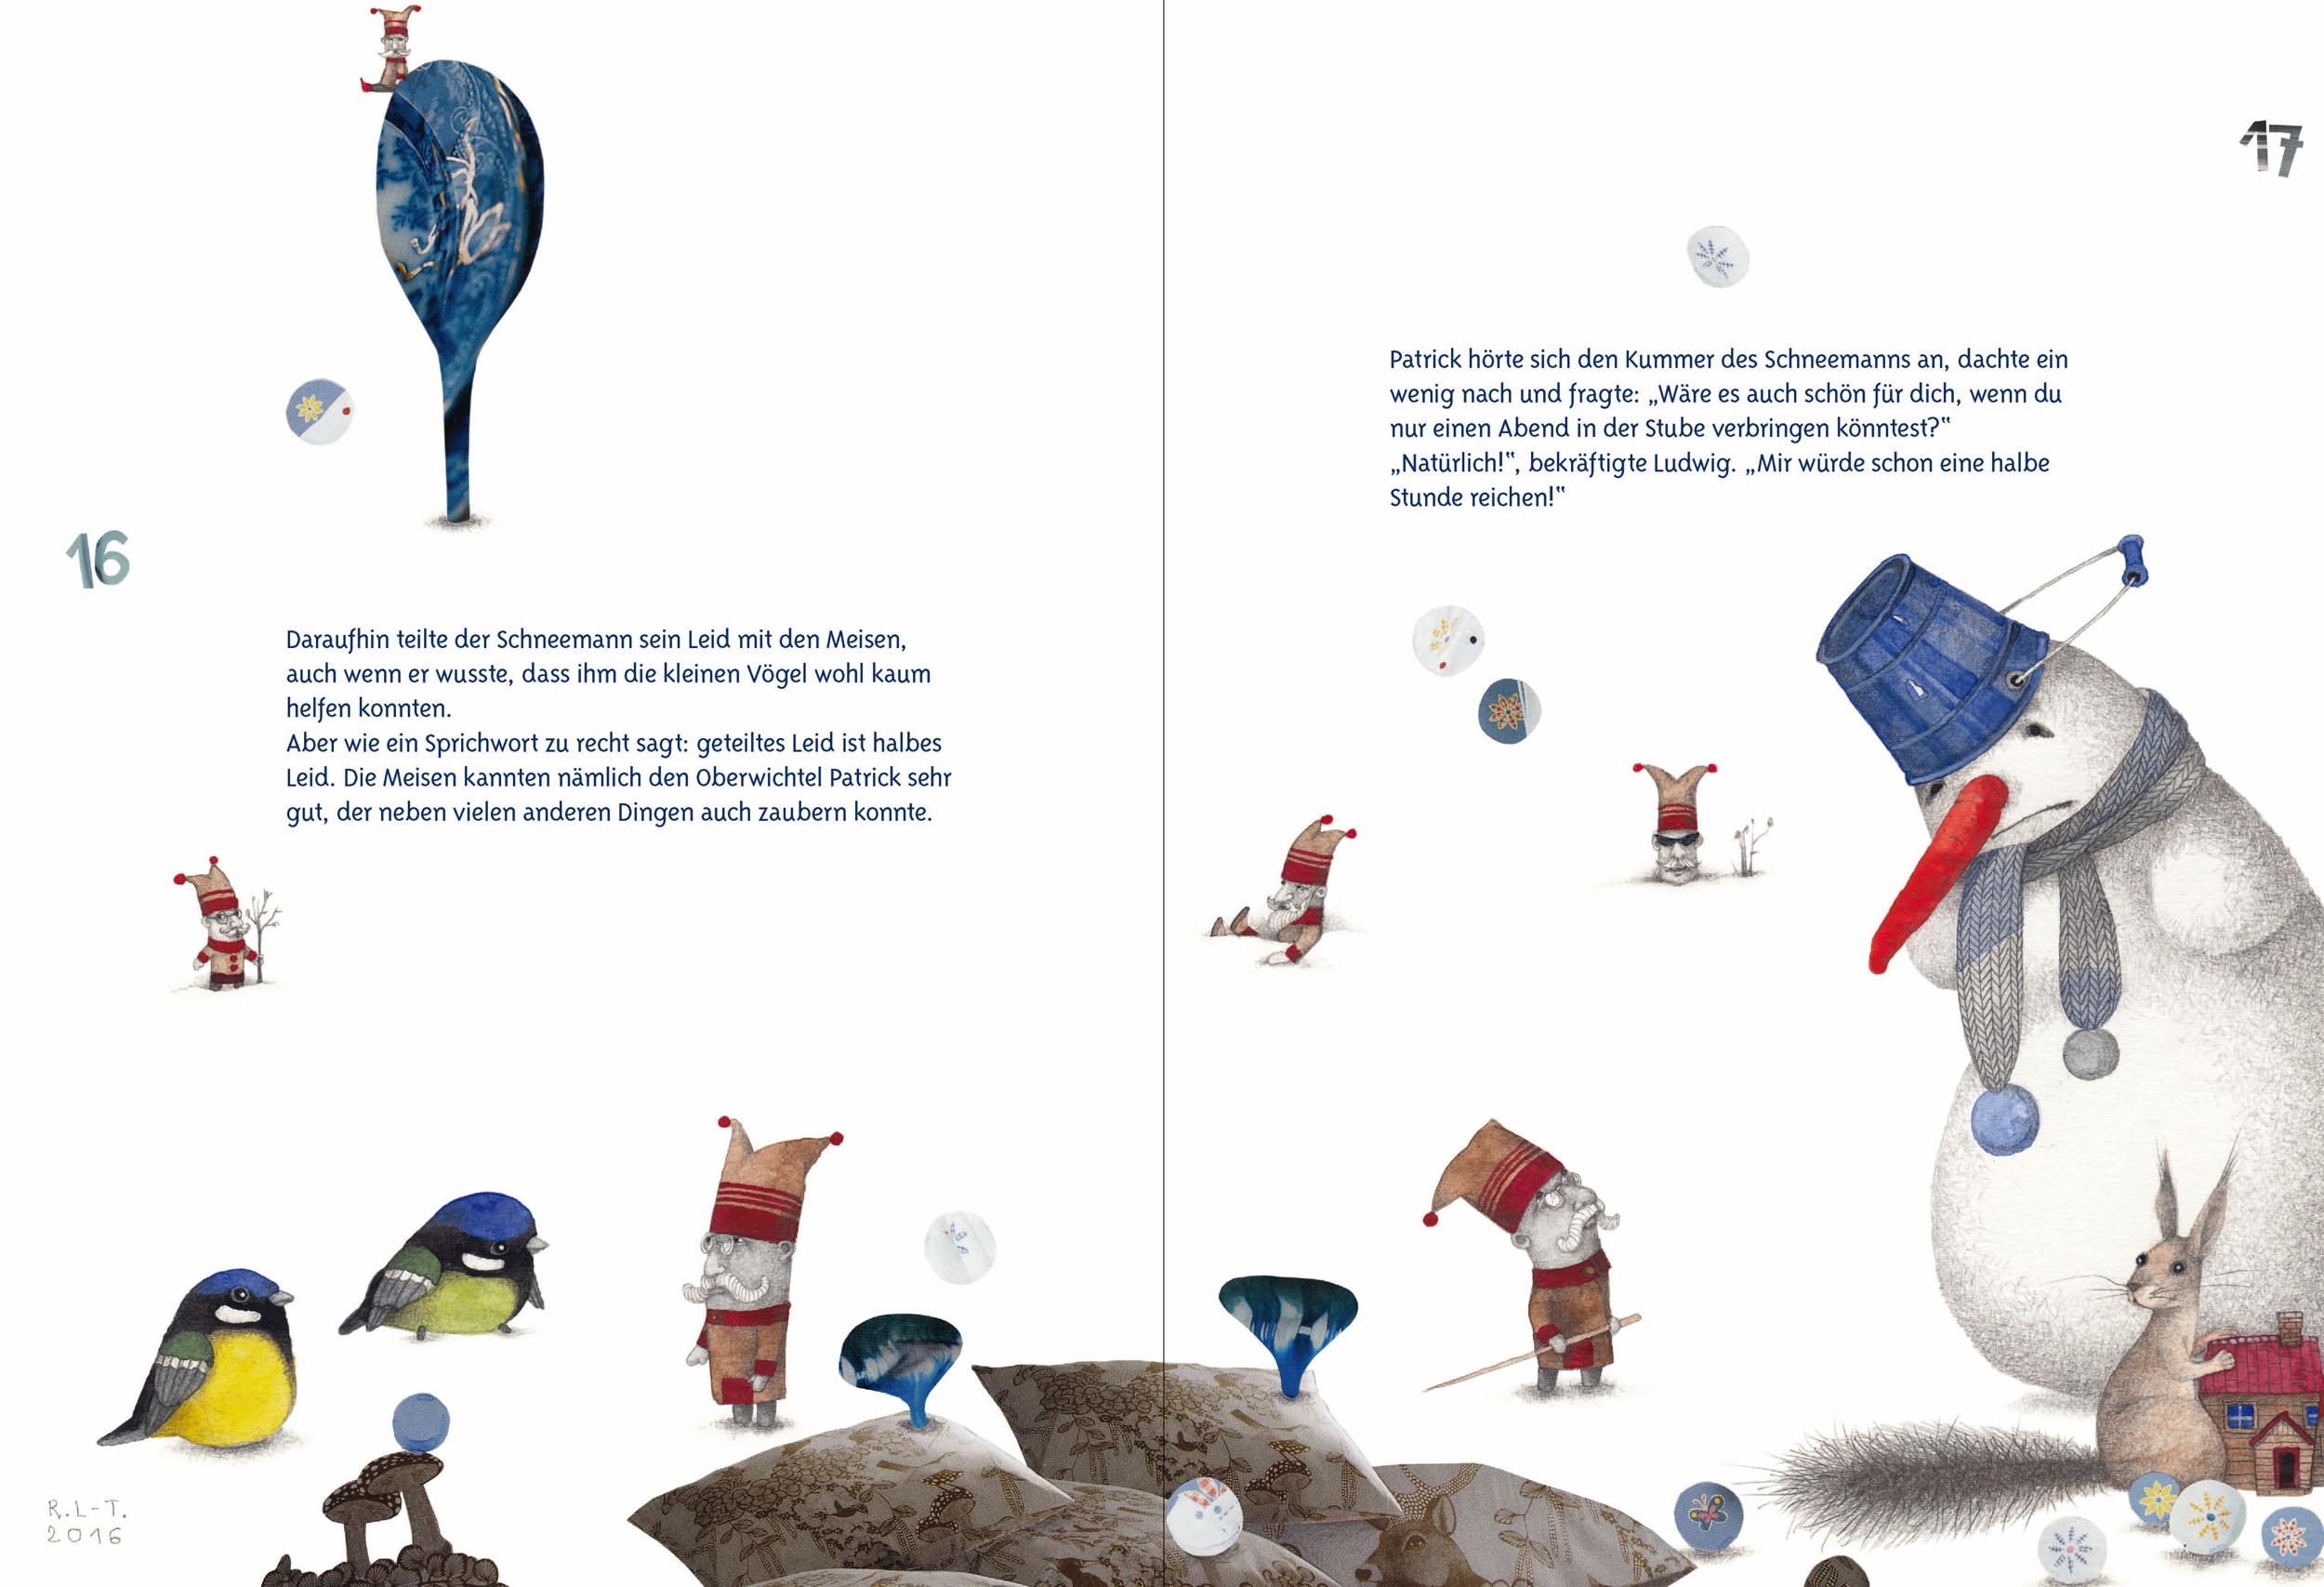 kinderbuch weihnachten schneemann ludwigs gr sstes gl ck. Black Bedroom Furniture Sets. Home Design Ideas